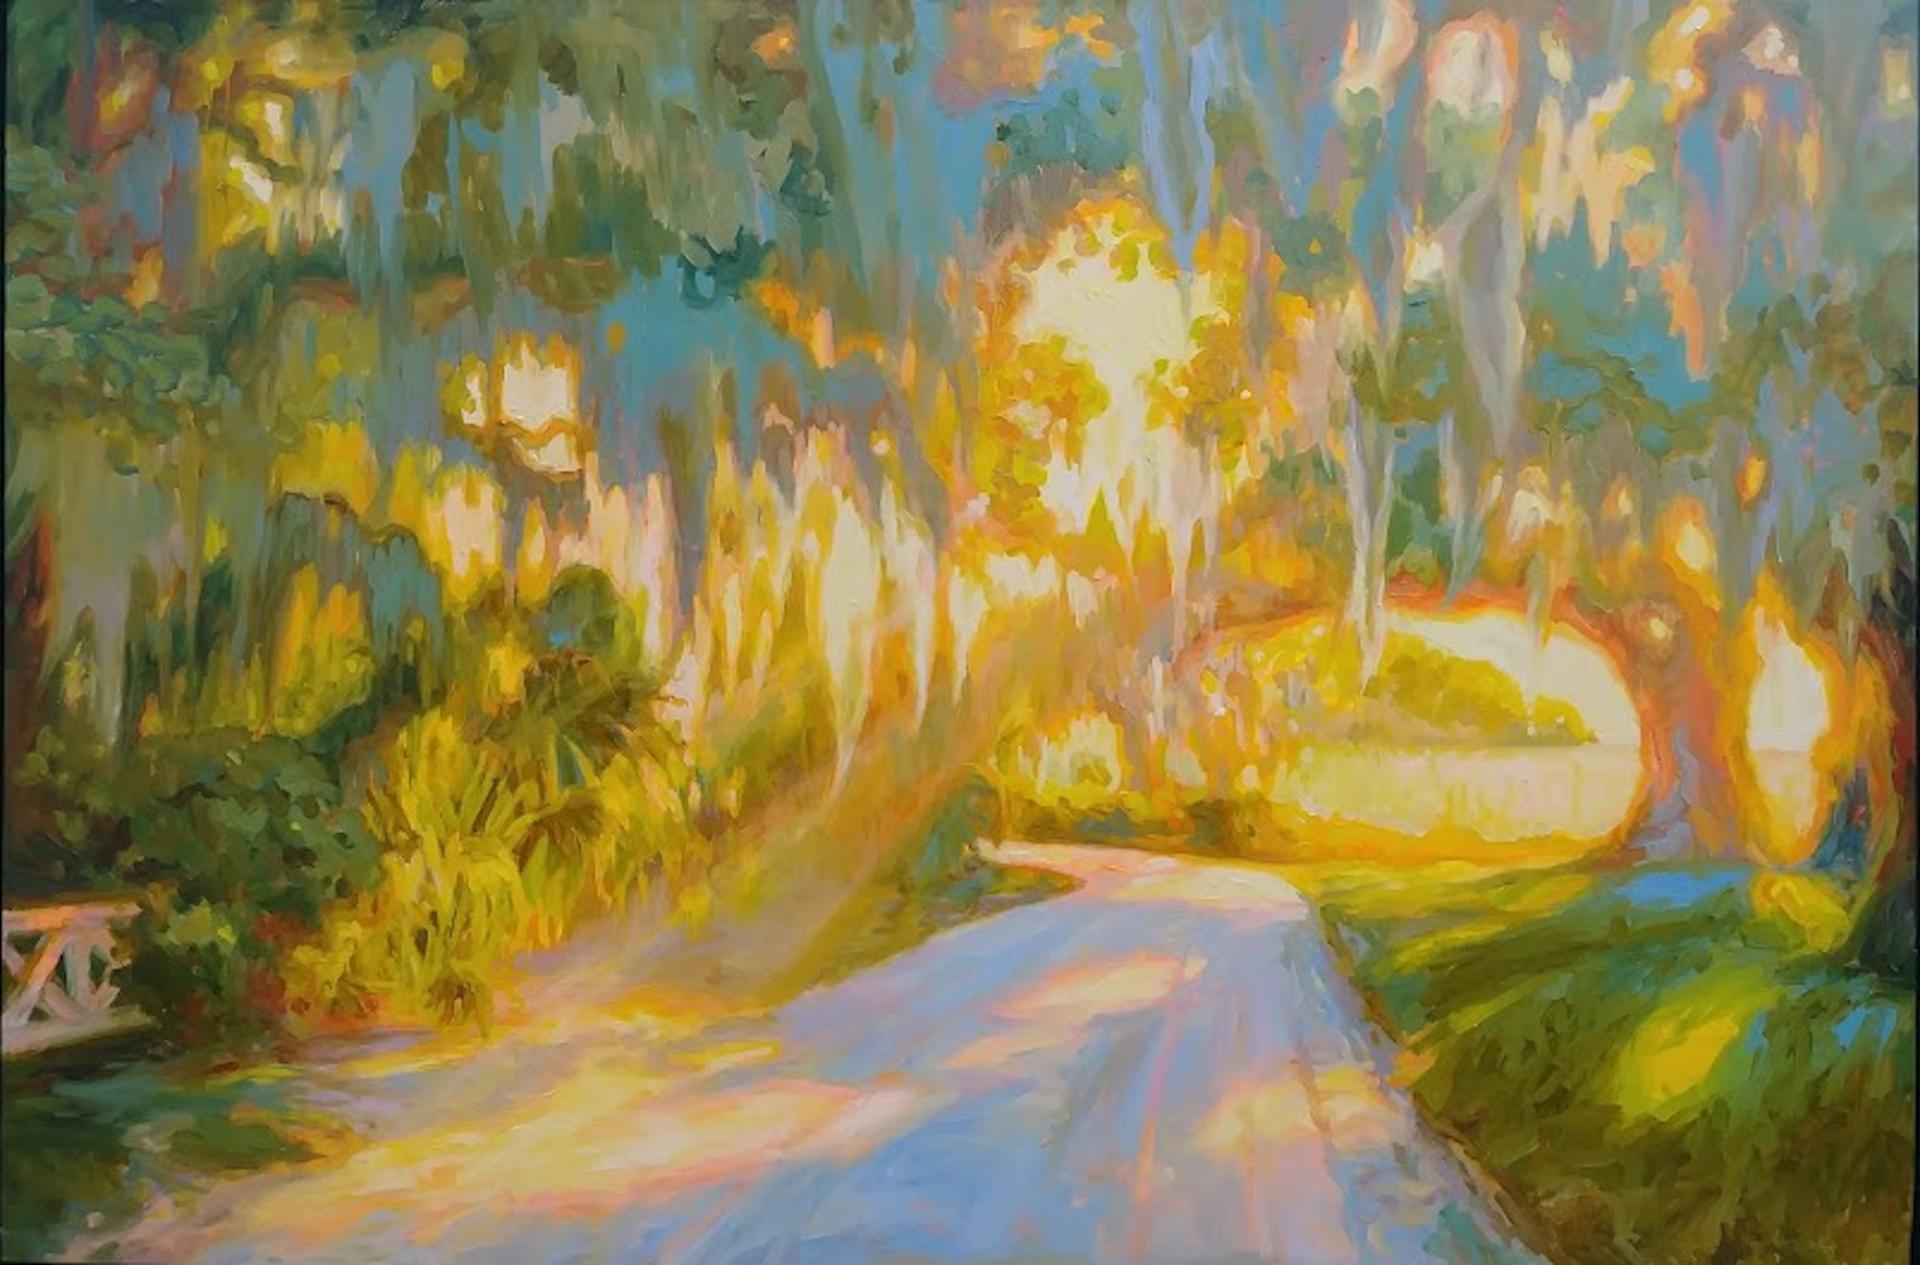 Ray of Light by Olessia Maximenko